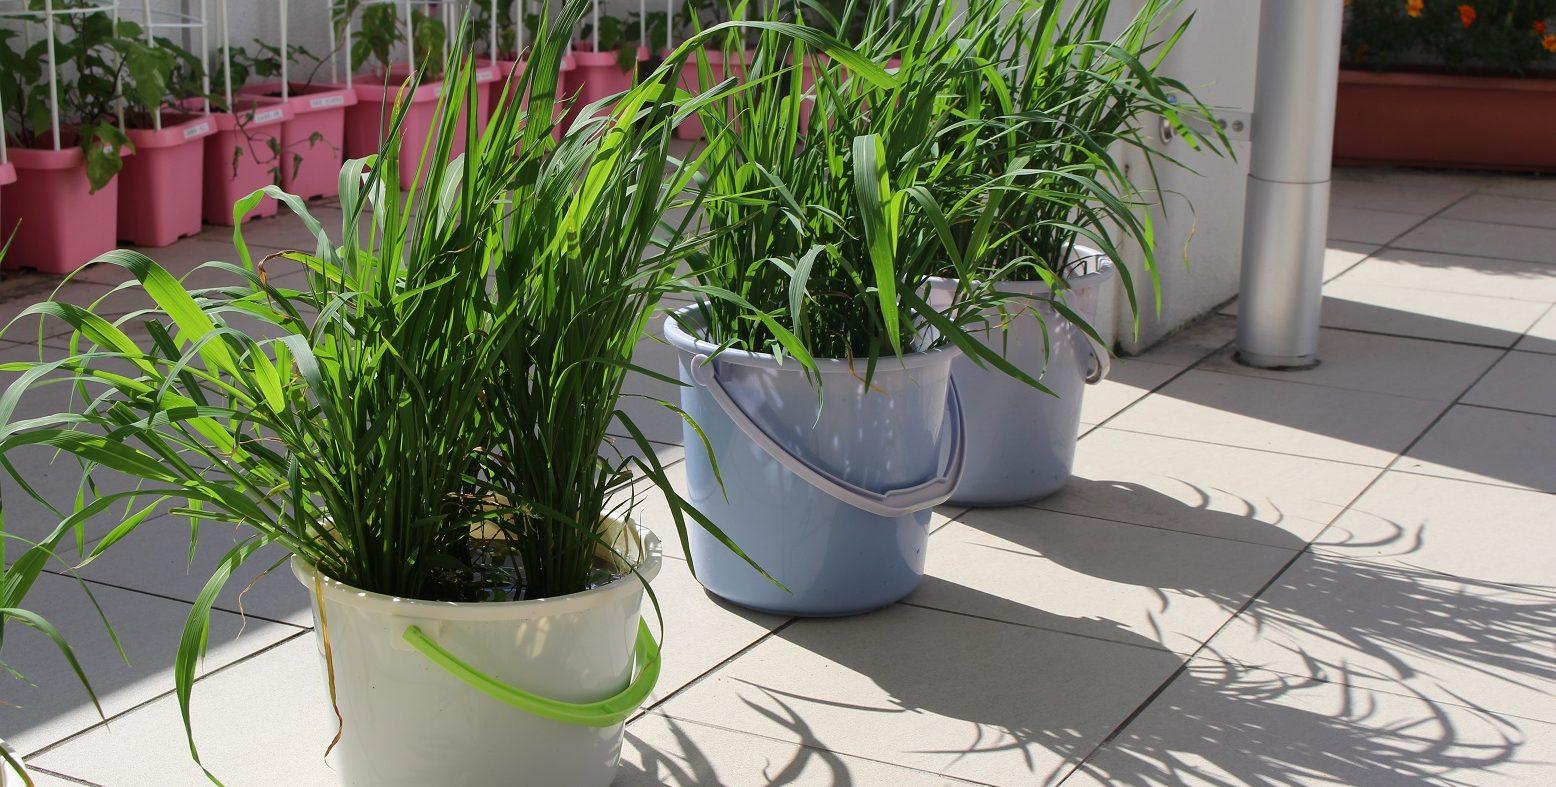 バケツ稲が大きく育ってきました。